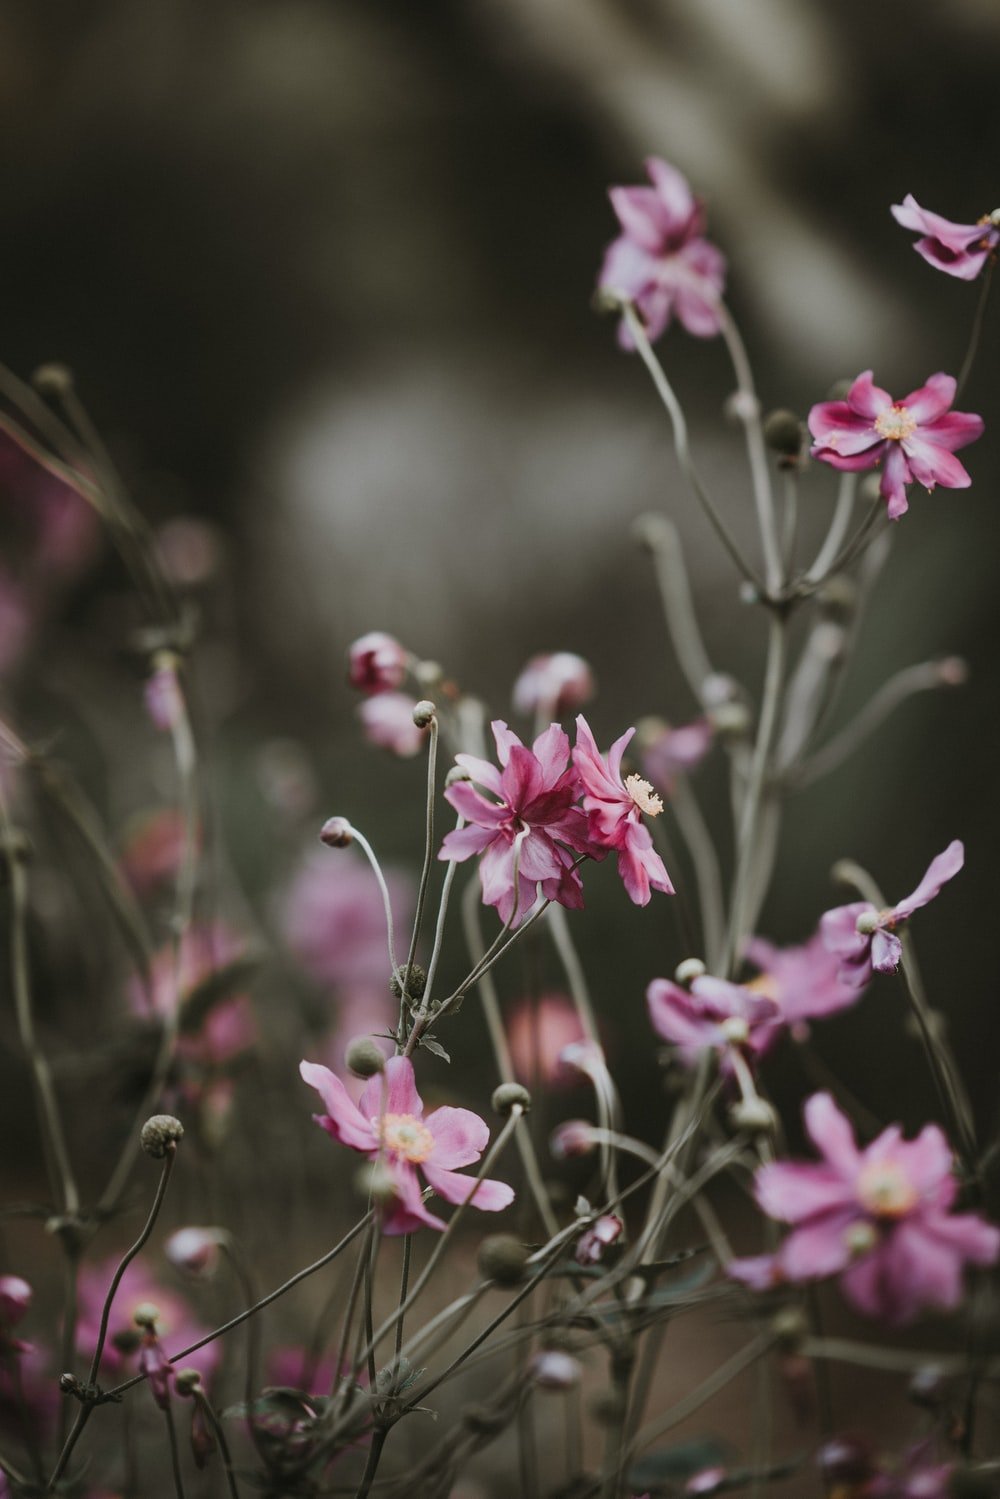 Delicate Pink Flowers Photo By Annie Spratt Anniespratt On Unsplash